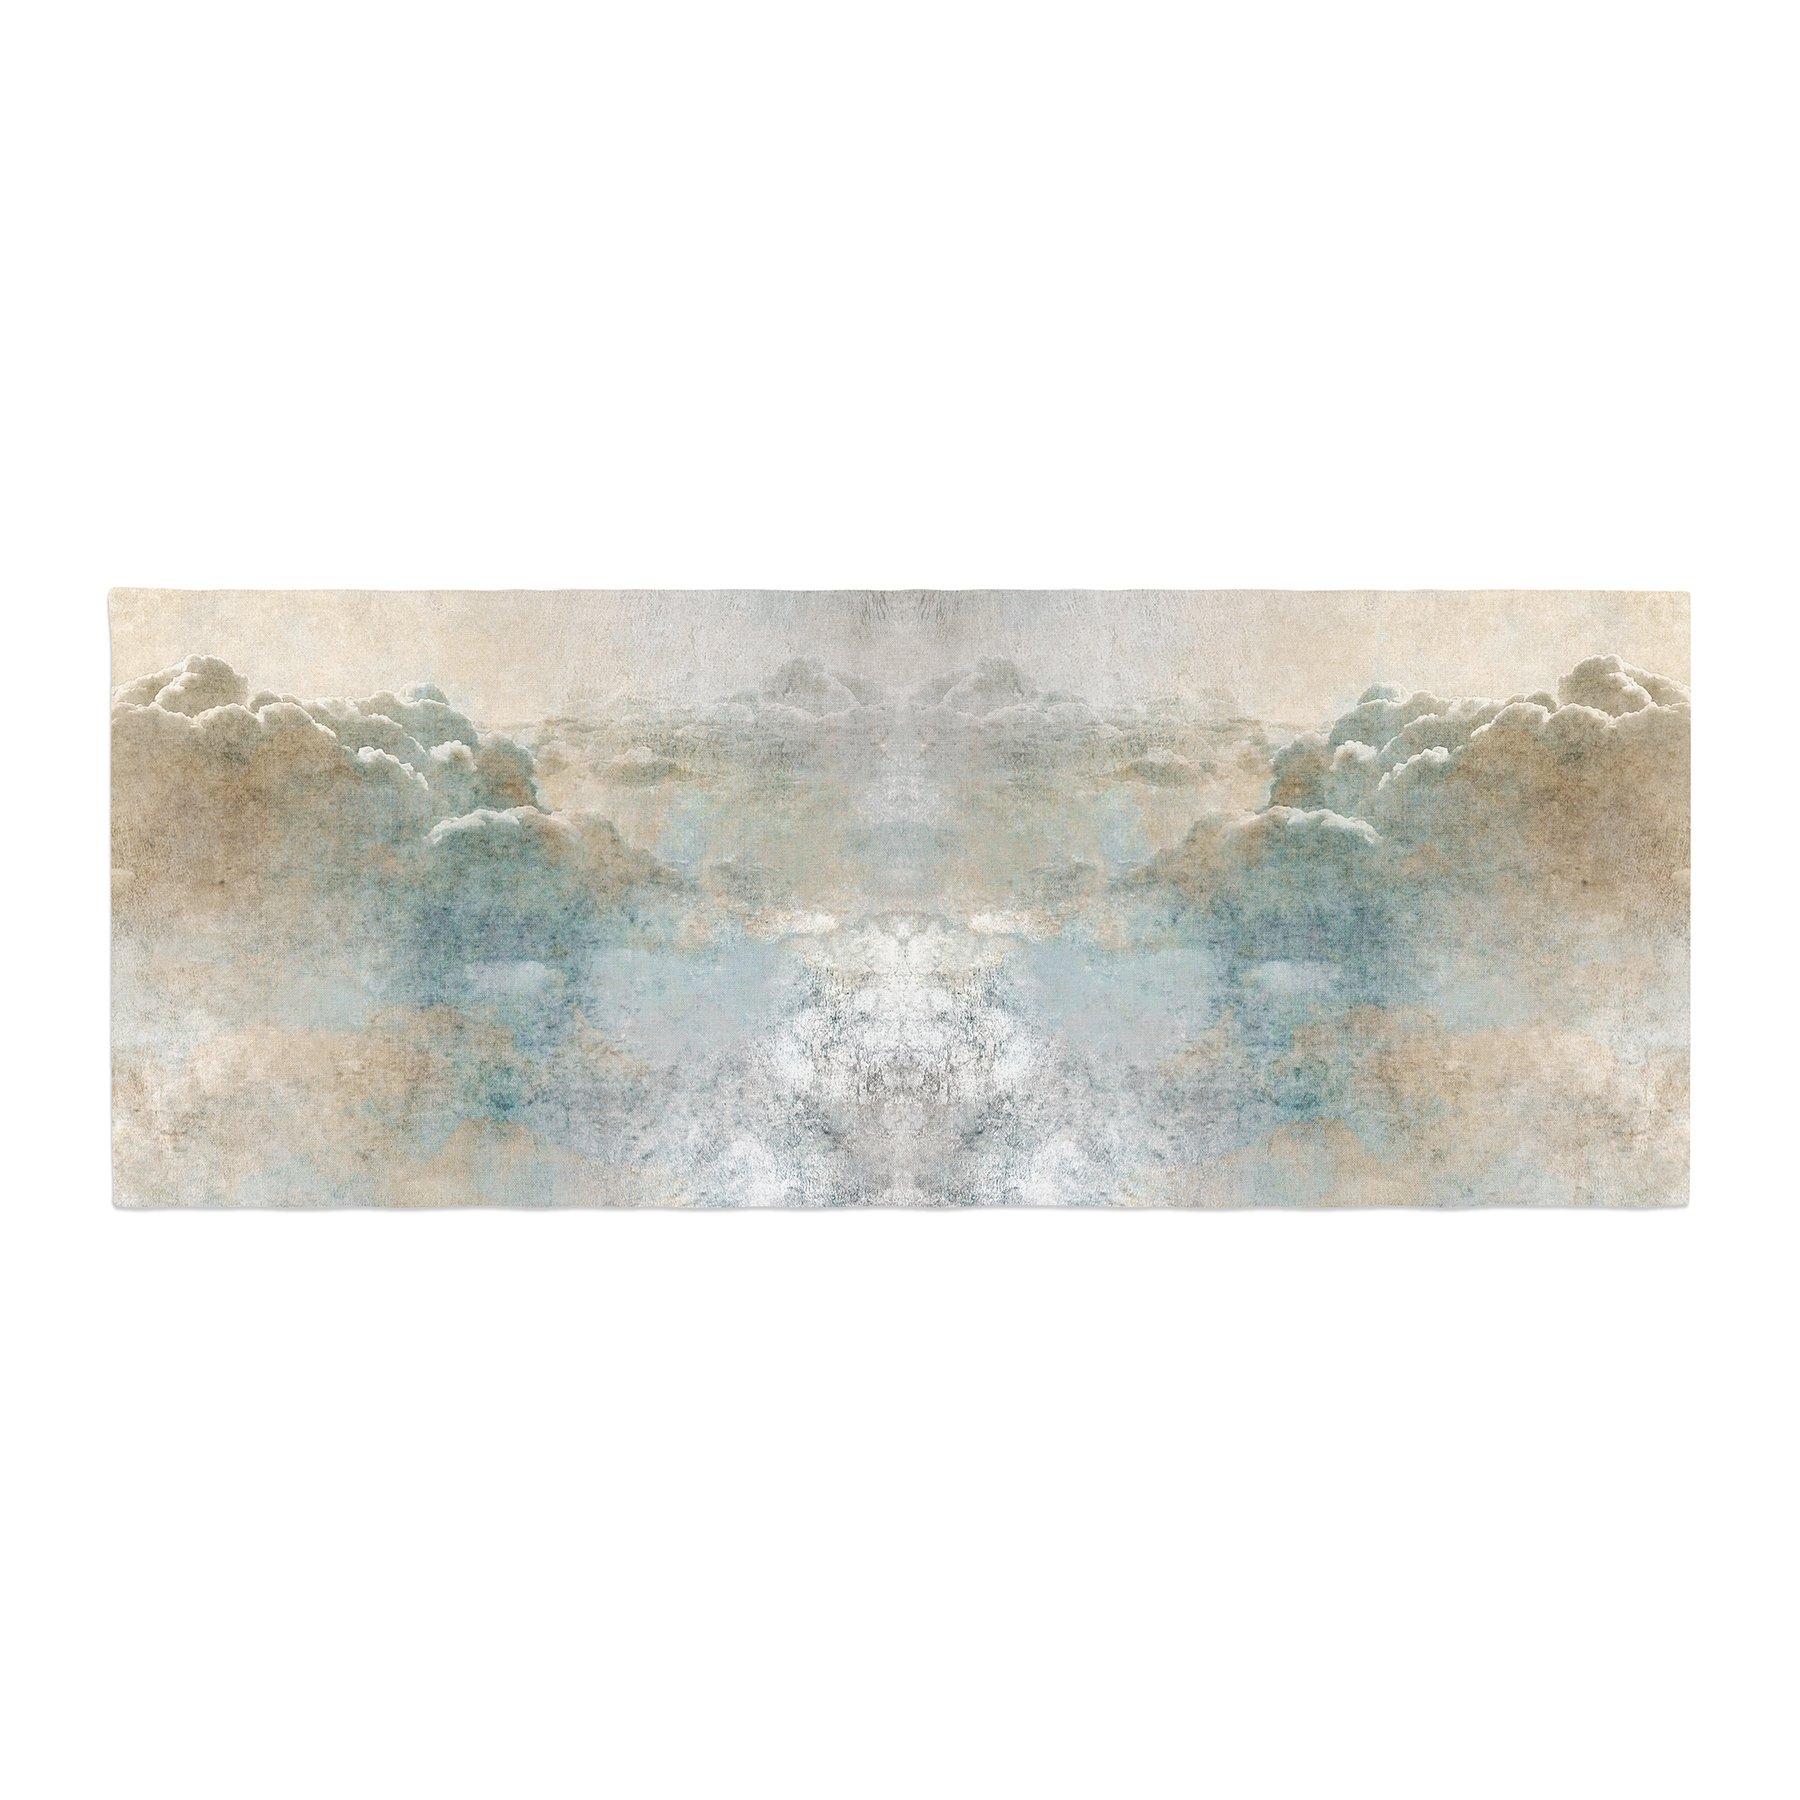 Kess InHouse Pia Heaven II Mixed Mediia Abstract Bed Runner, 34'' x 86''